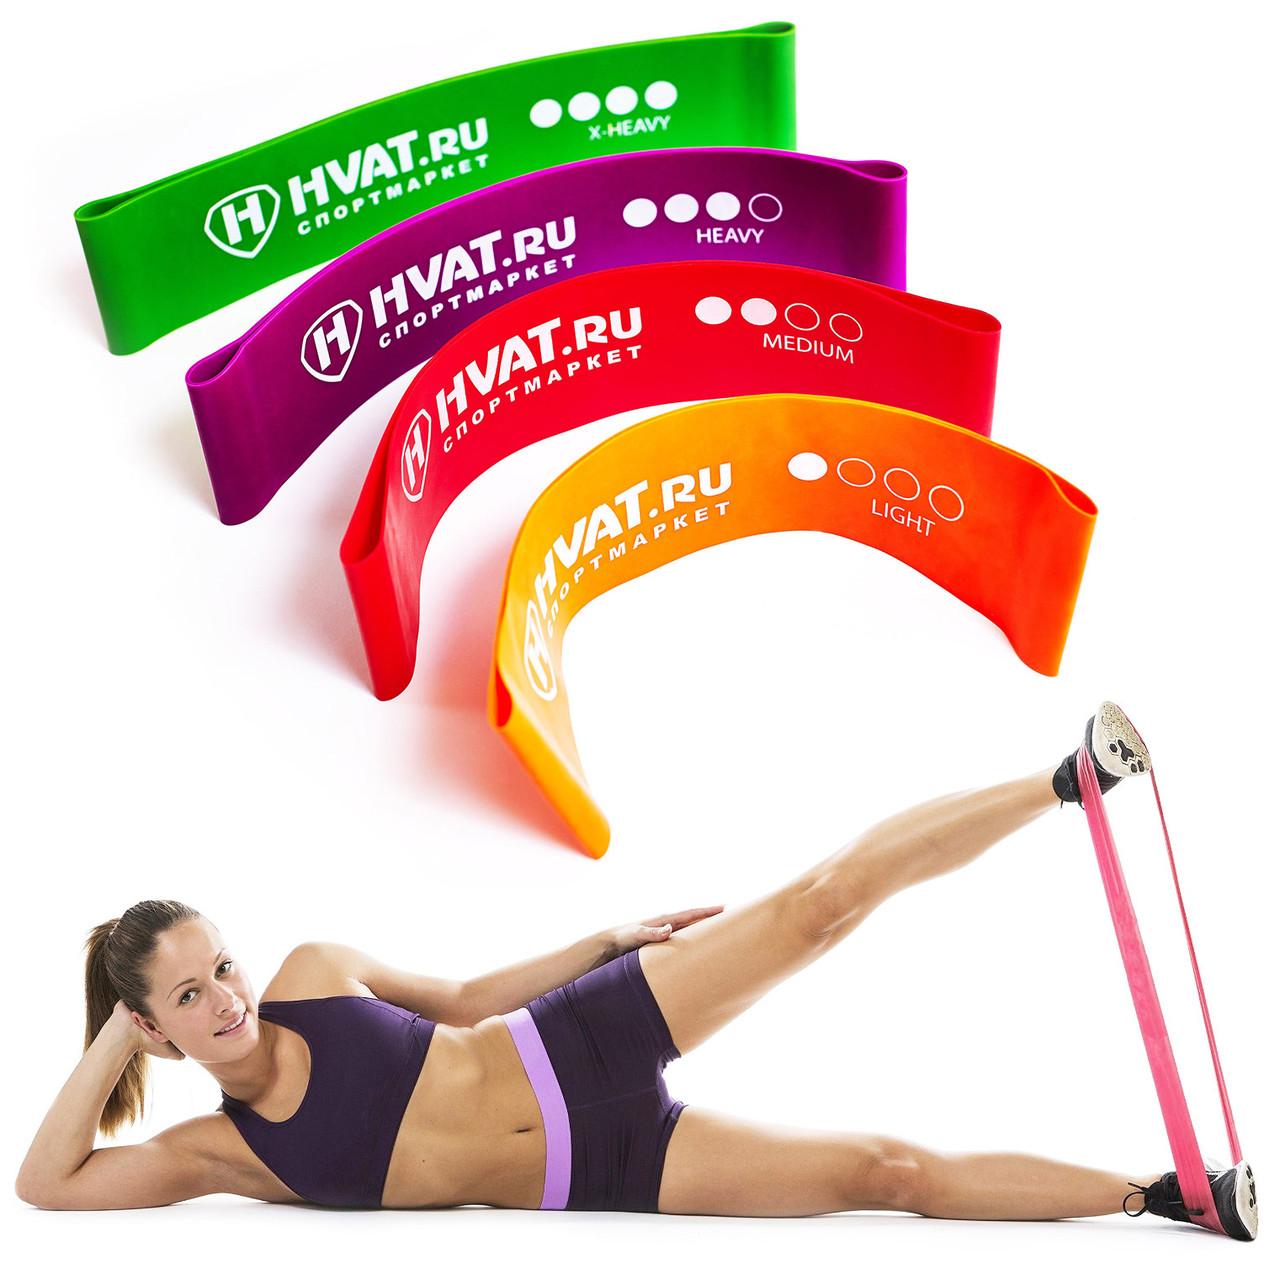 Набор резинок эспандеров для фитнеса HVAT. (Мини-петли) для фитнеса, набор в чехле - фото 1